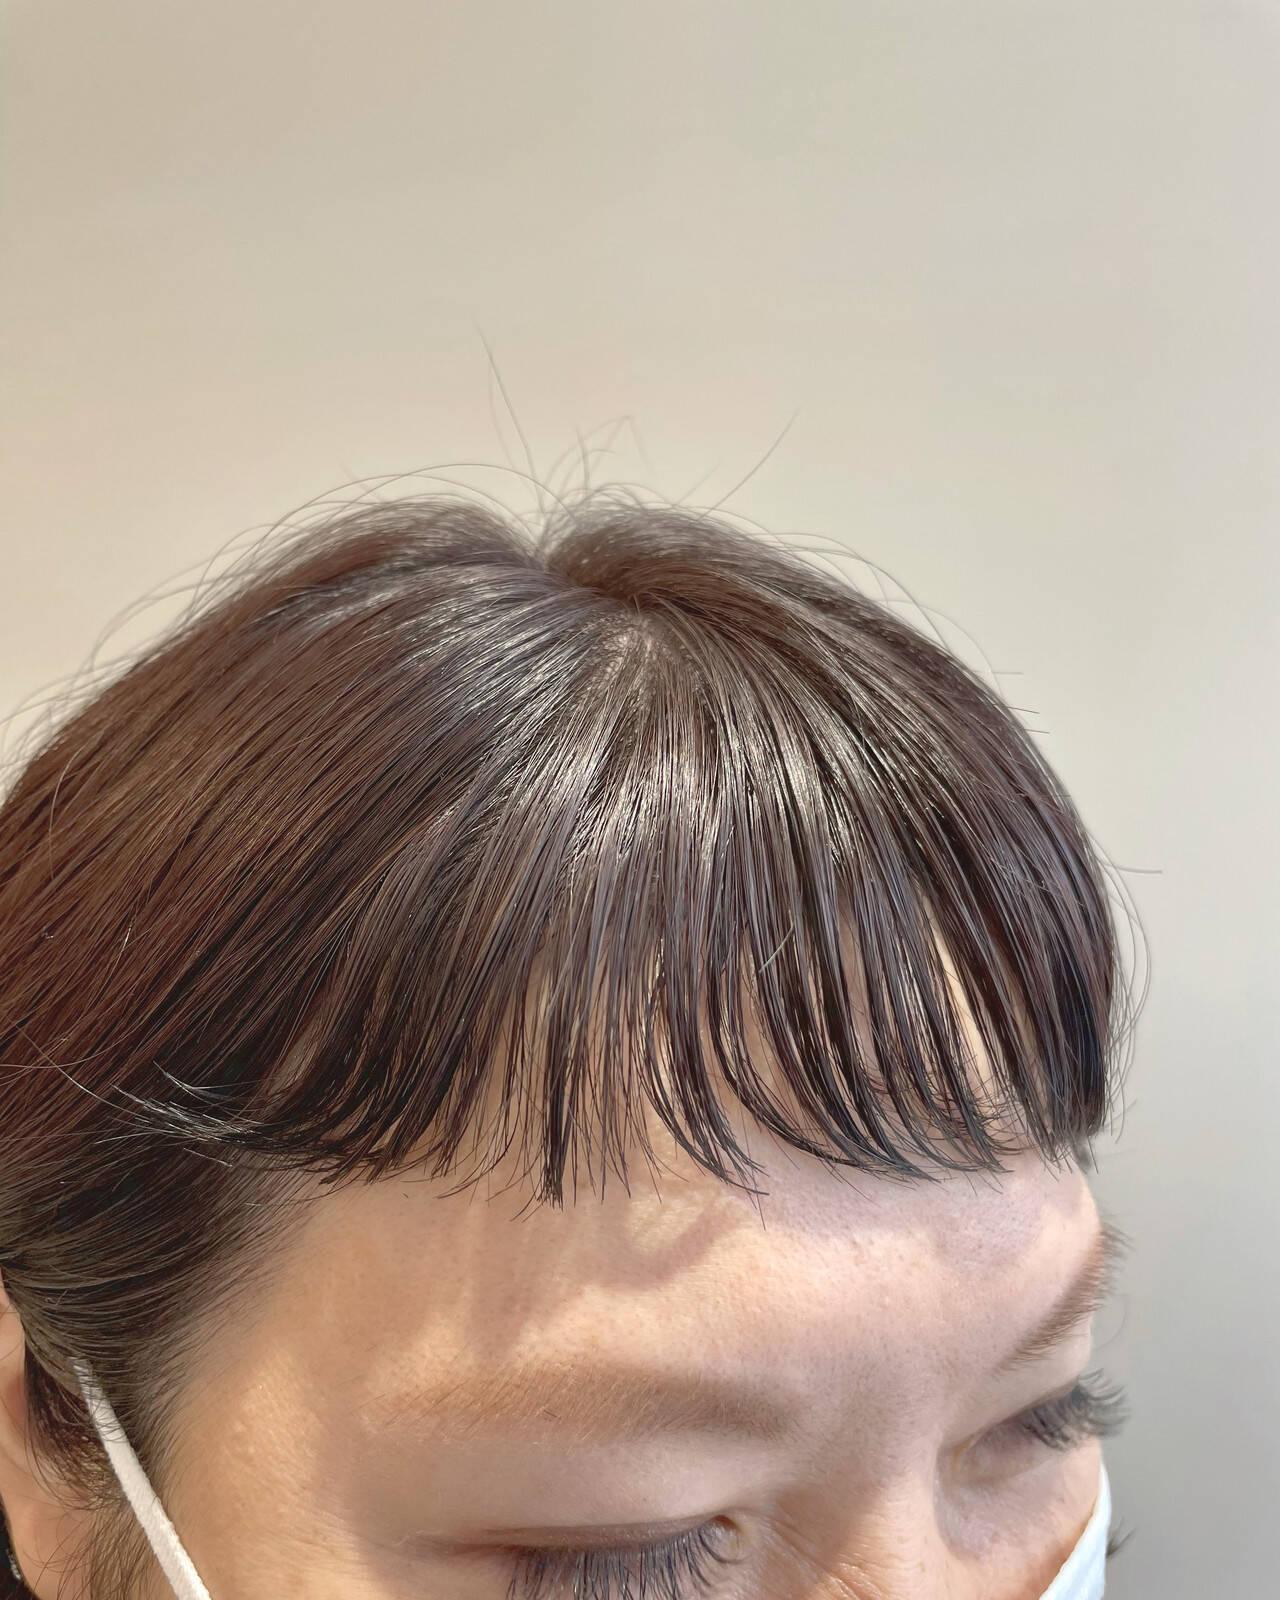 パーマボブ ボブ 前髪 ショートボブヘアスタイルや髪型の写真・画像